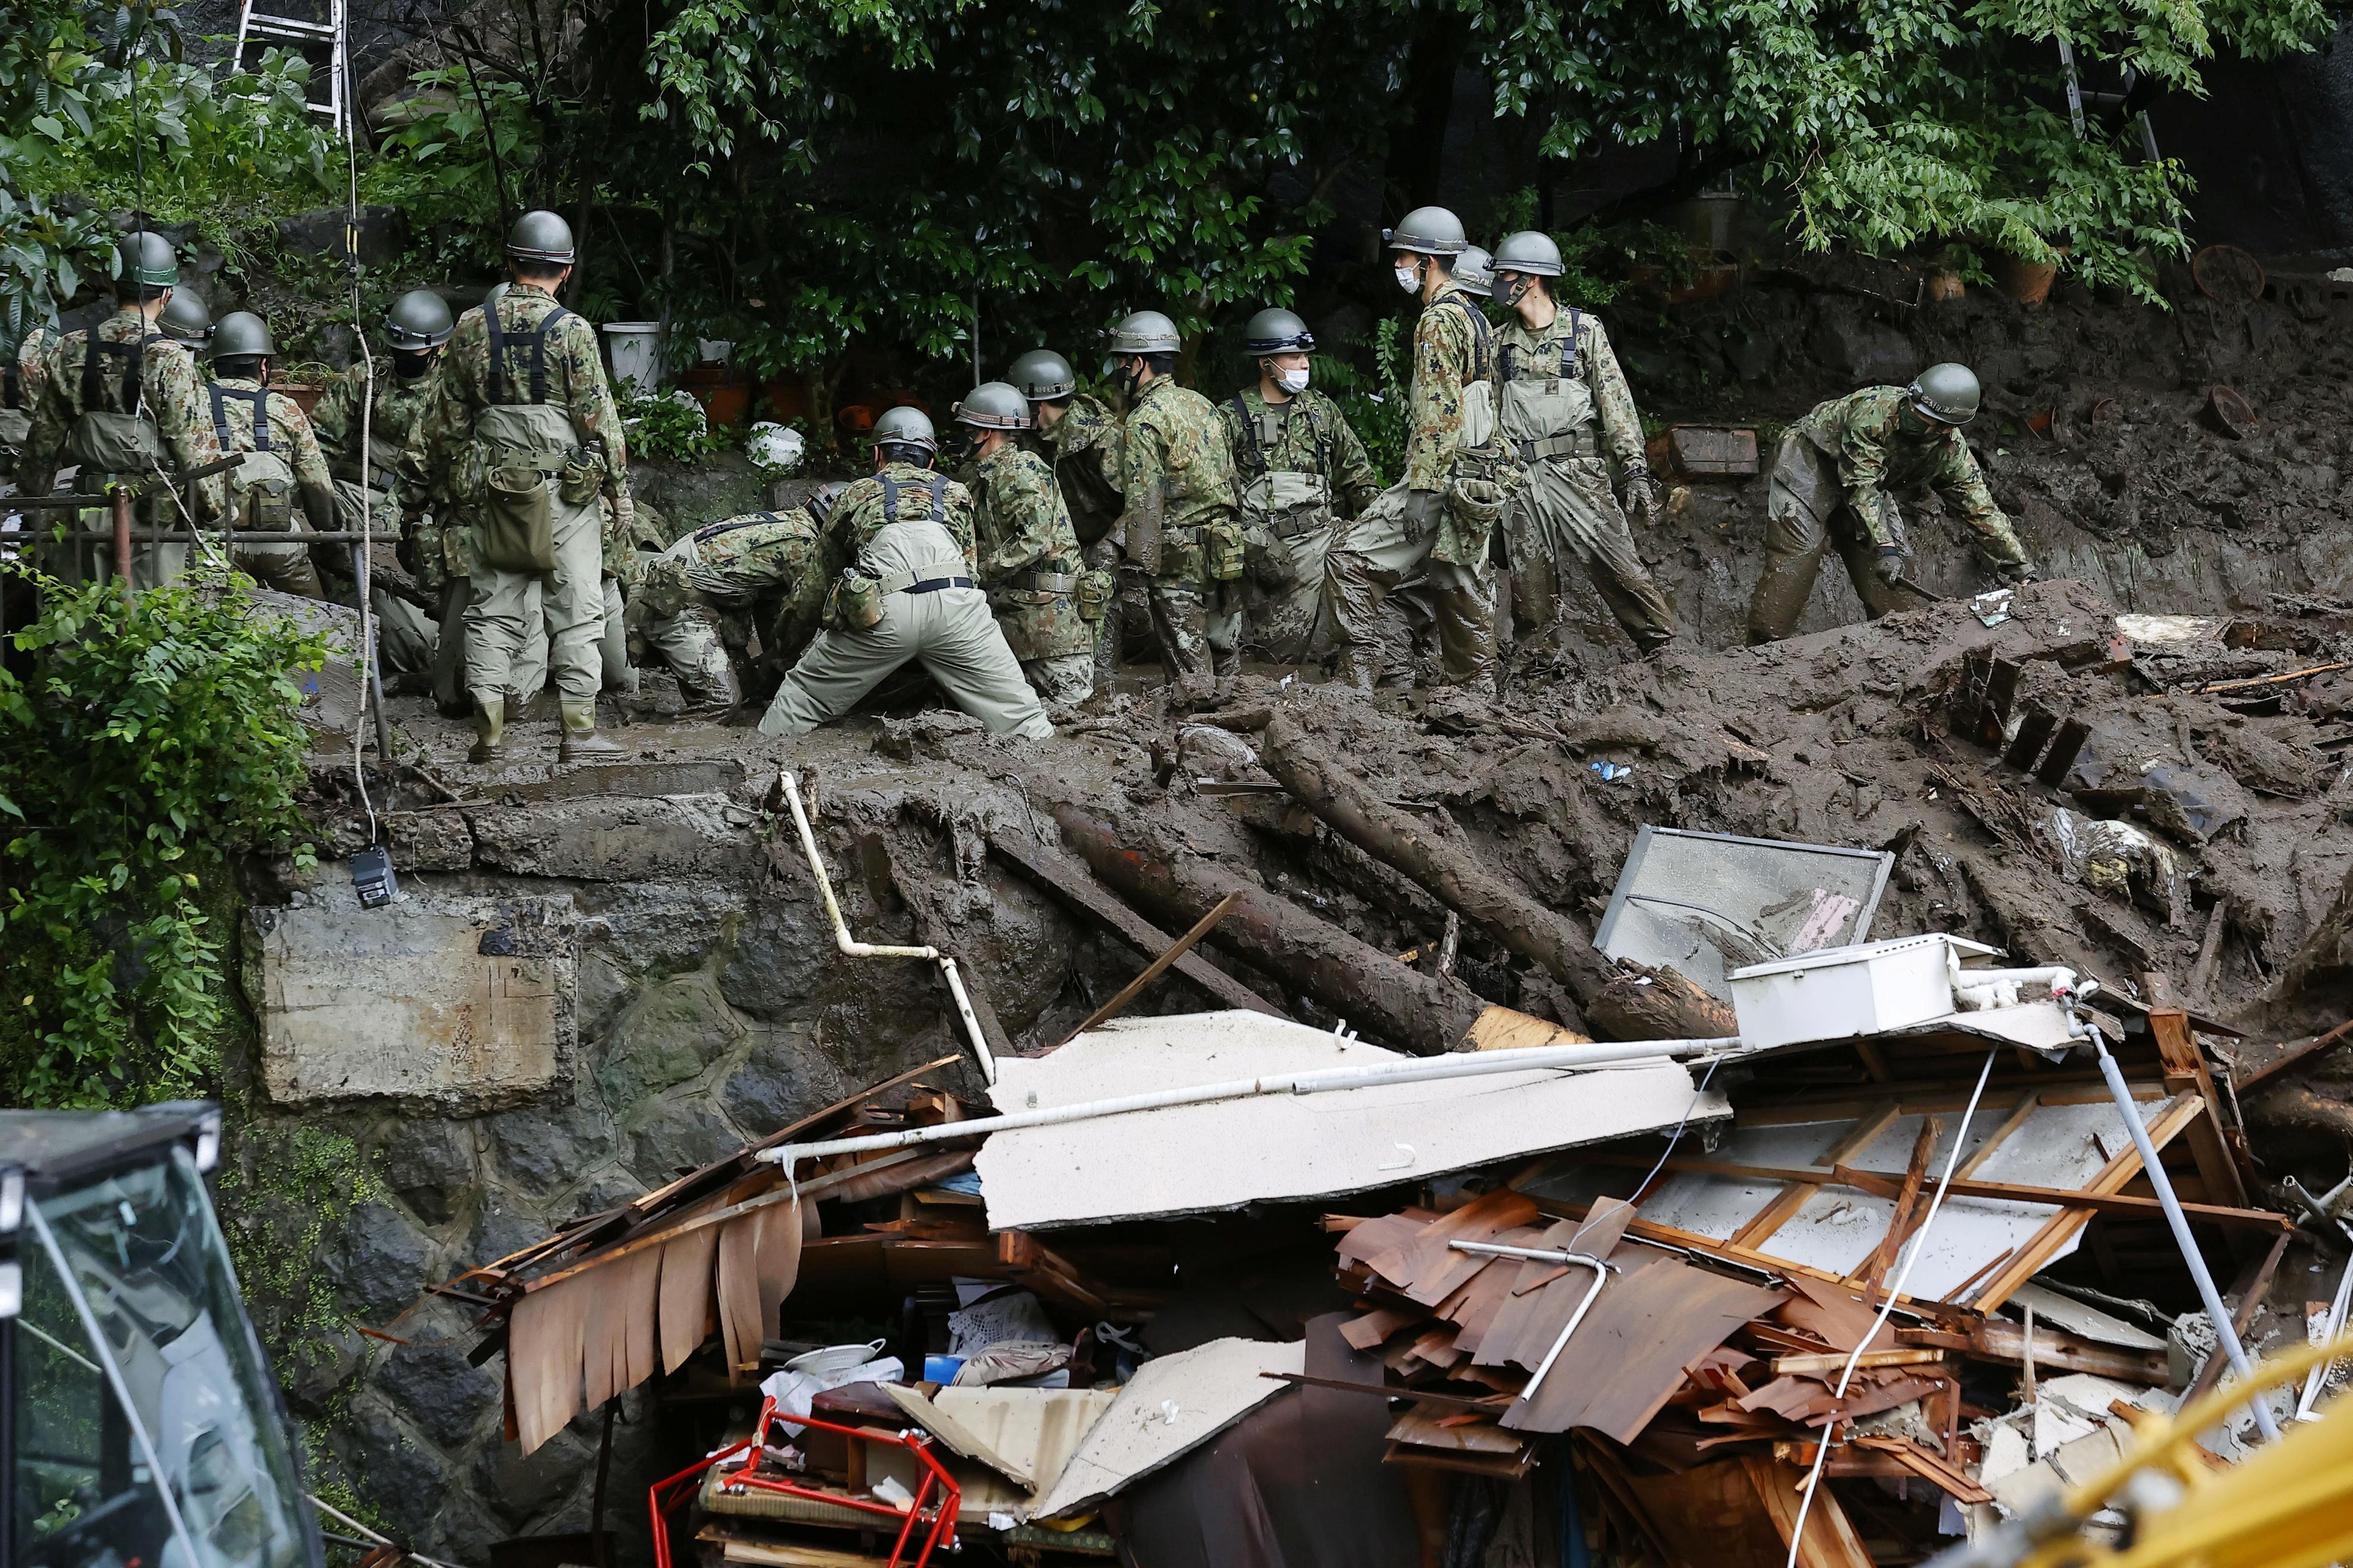 Rescuers in Japan hunt for 80 missing after deadly landslides | Reuters